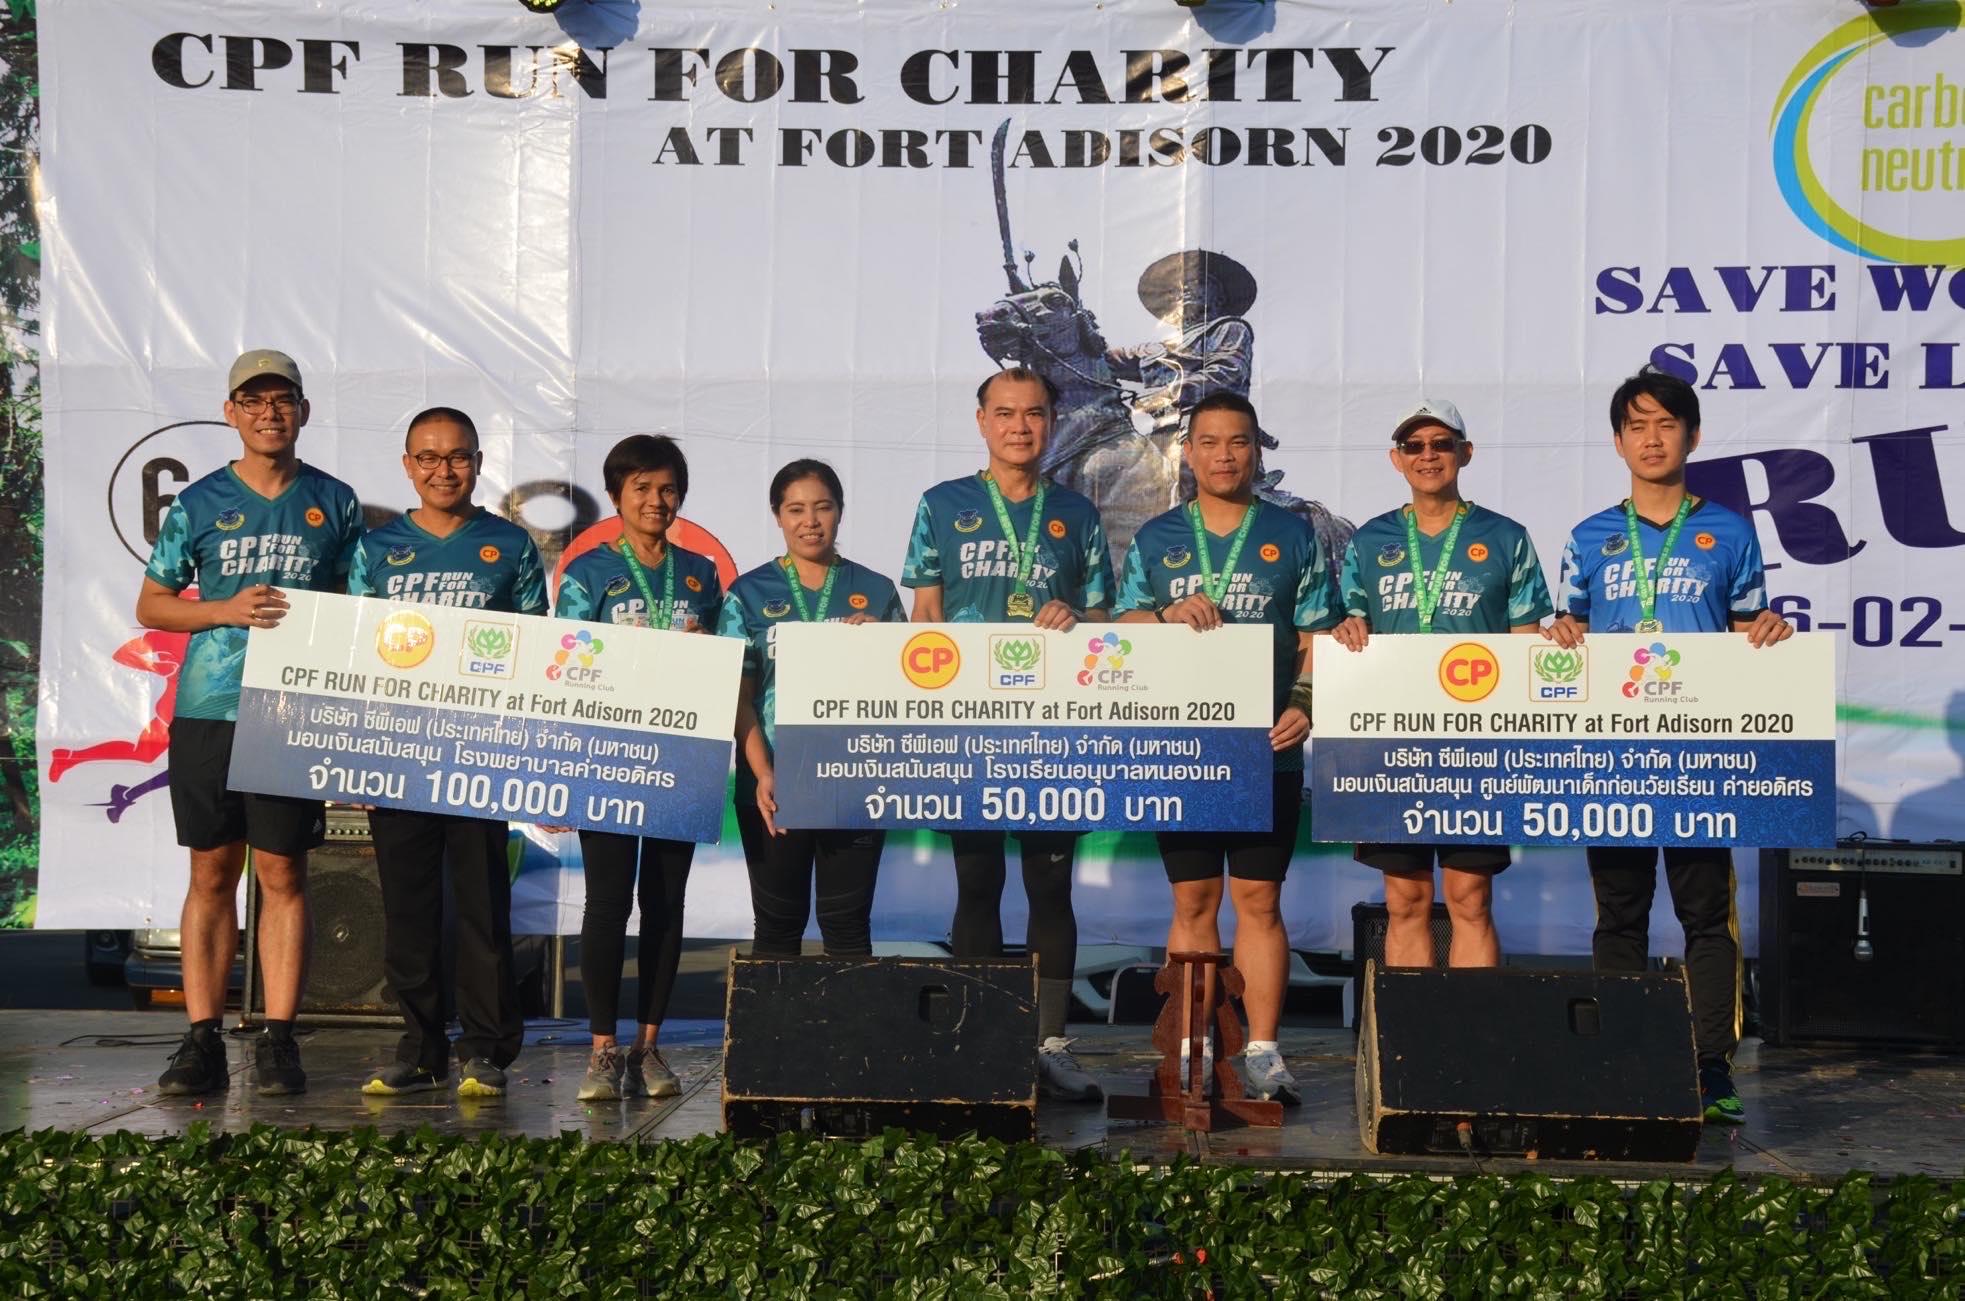 """ซีพีเอฟ จับมือ อบก. จัดเดิน-วิ่งการกุศล รักษ์โลก  CPF Run for Charity At Fort Adisorn 2020 ลดโลกร้อน รูปแบบ """"Carbon Neutral Event"""""""